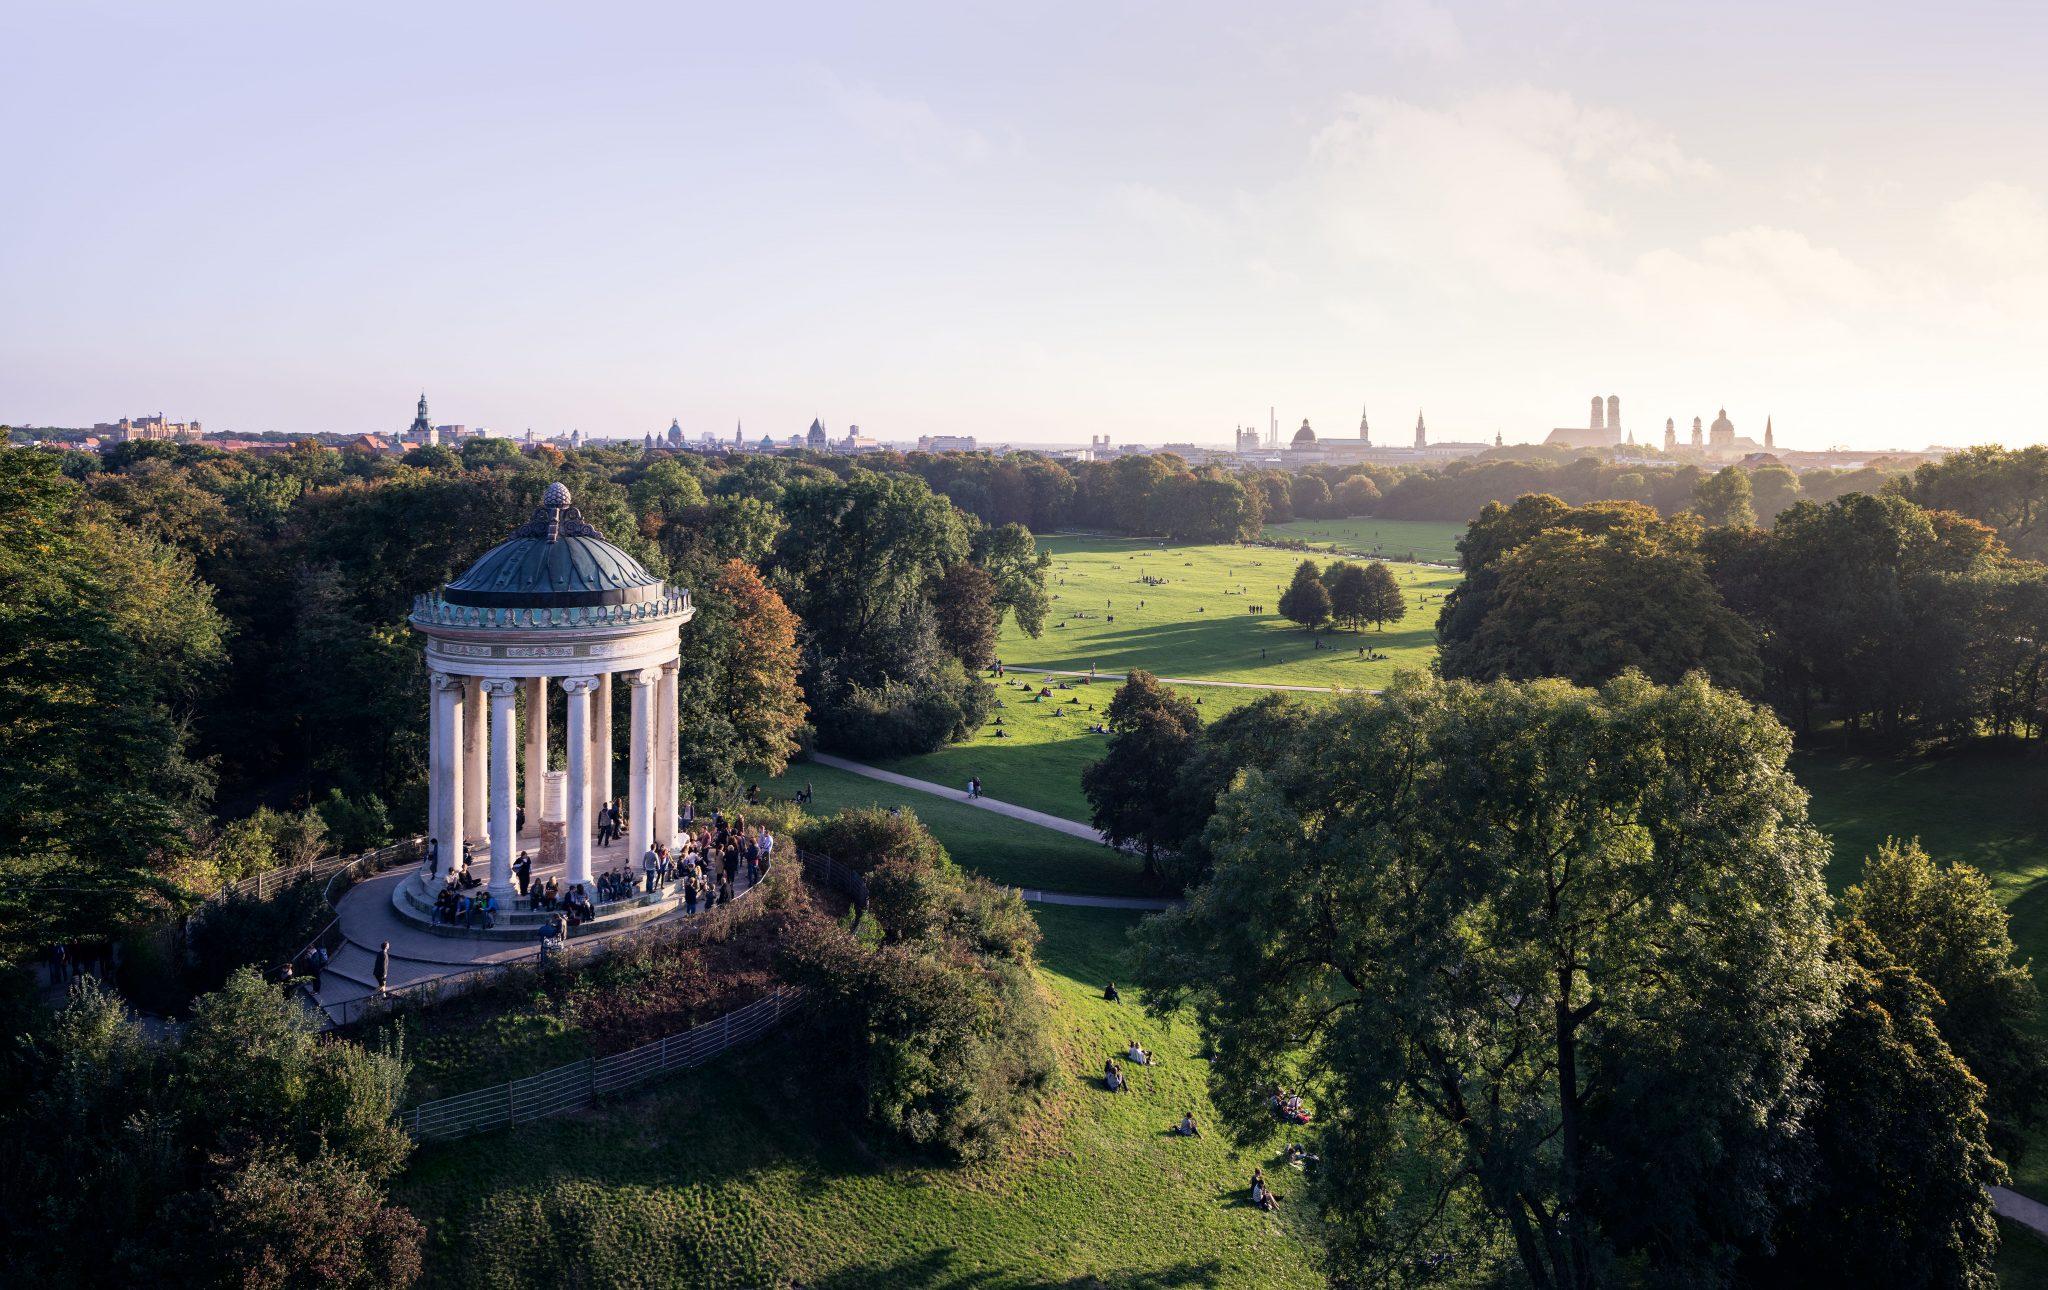 Luftansicht des Monopterus im Englischen Garten, München